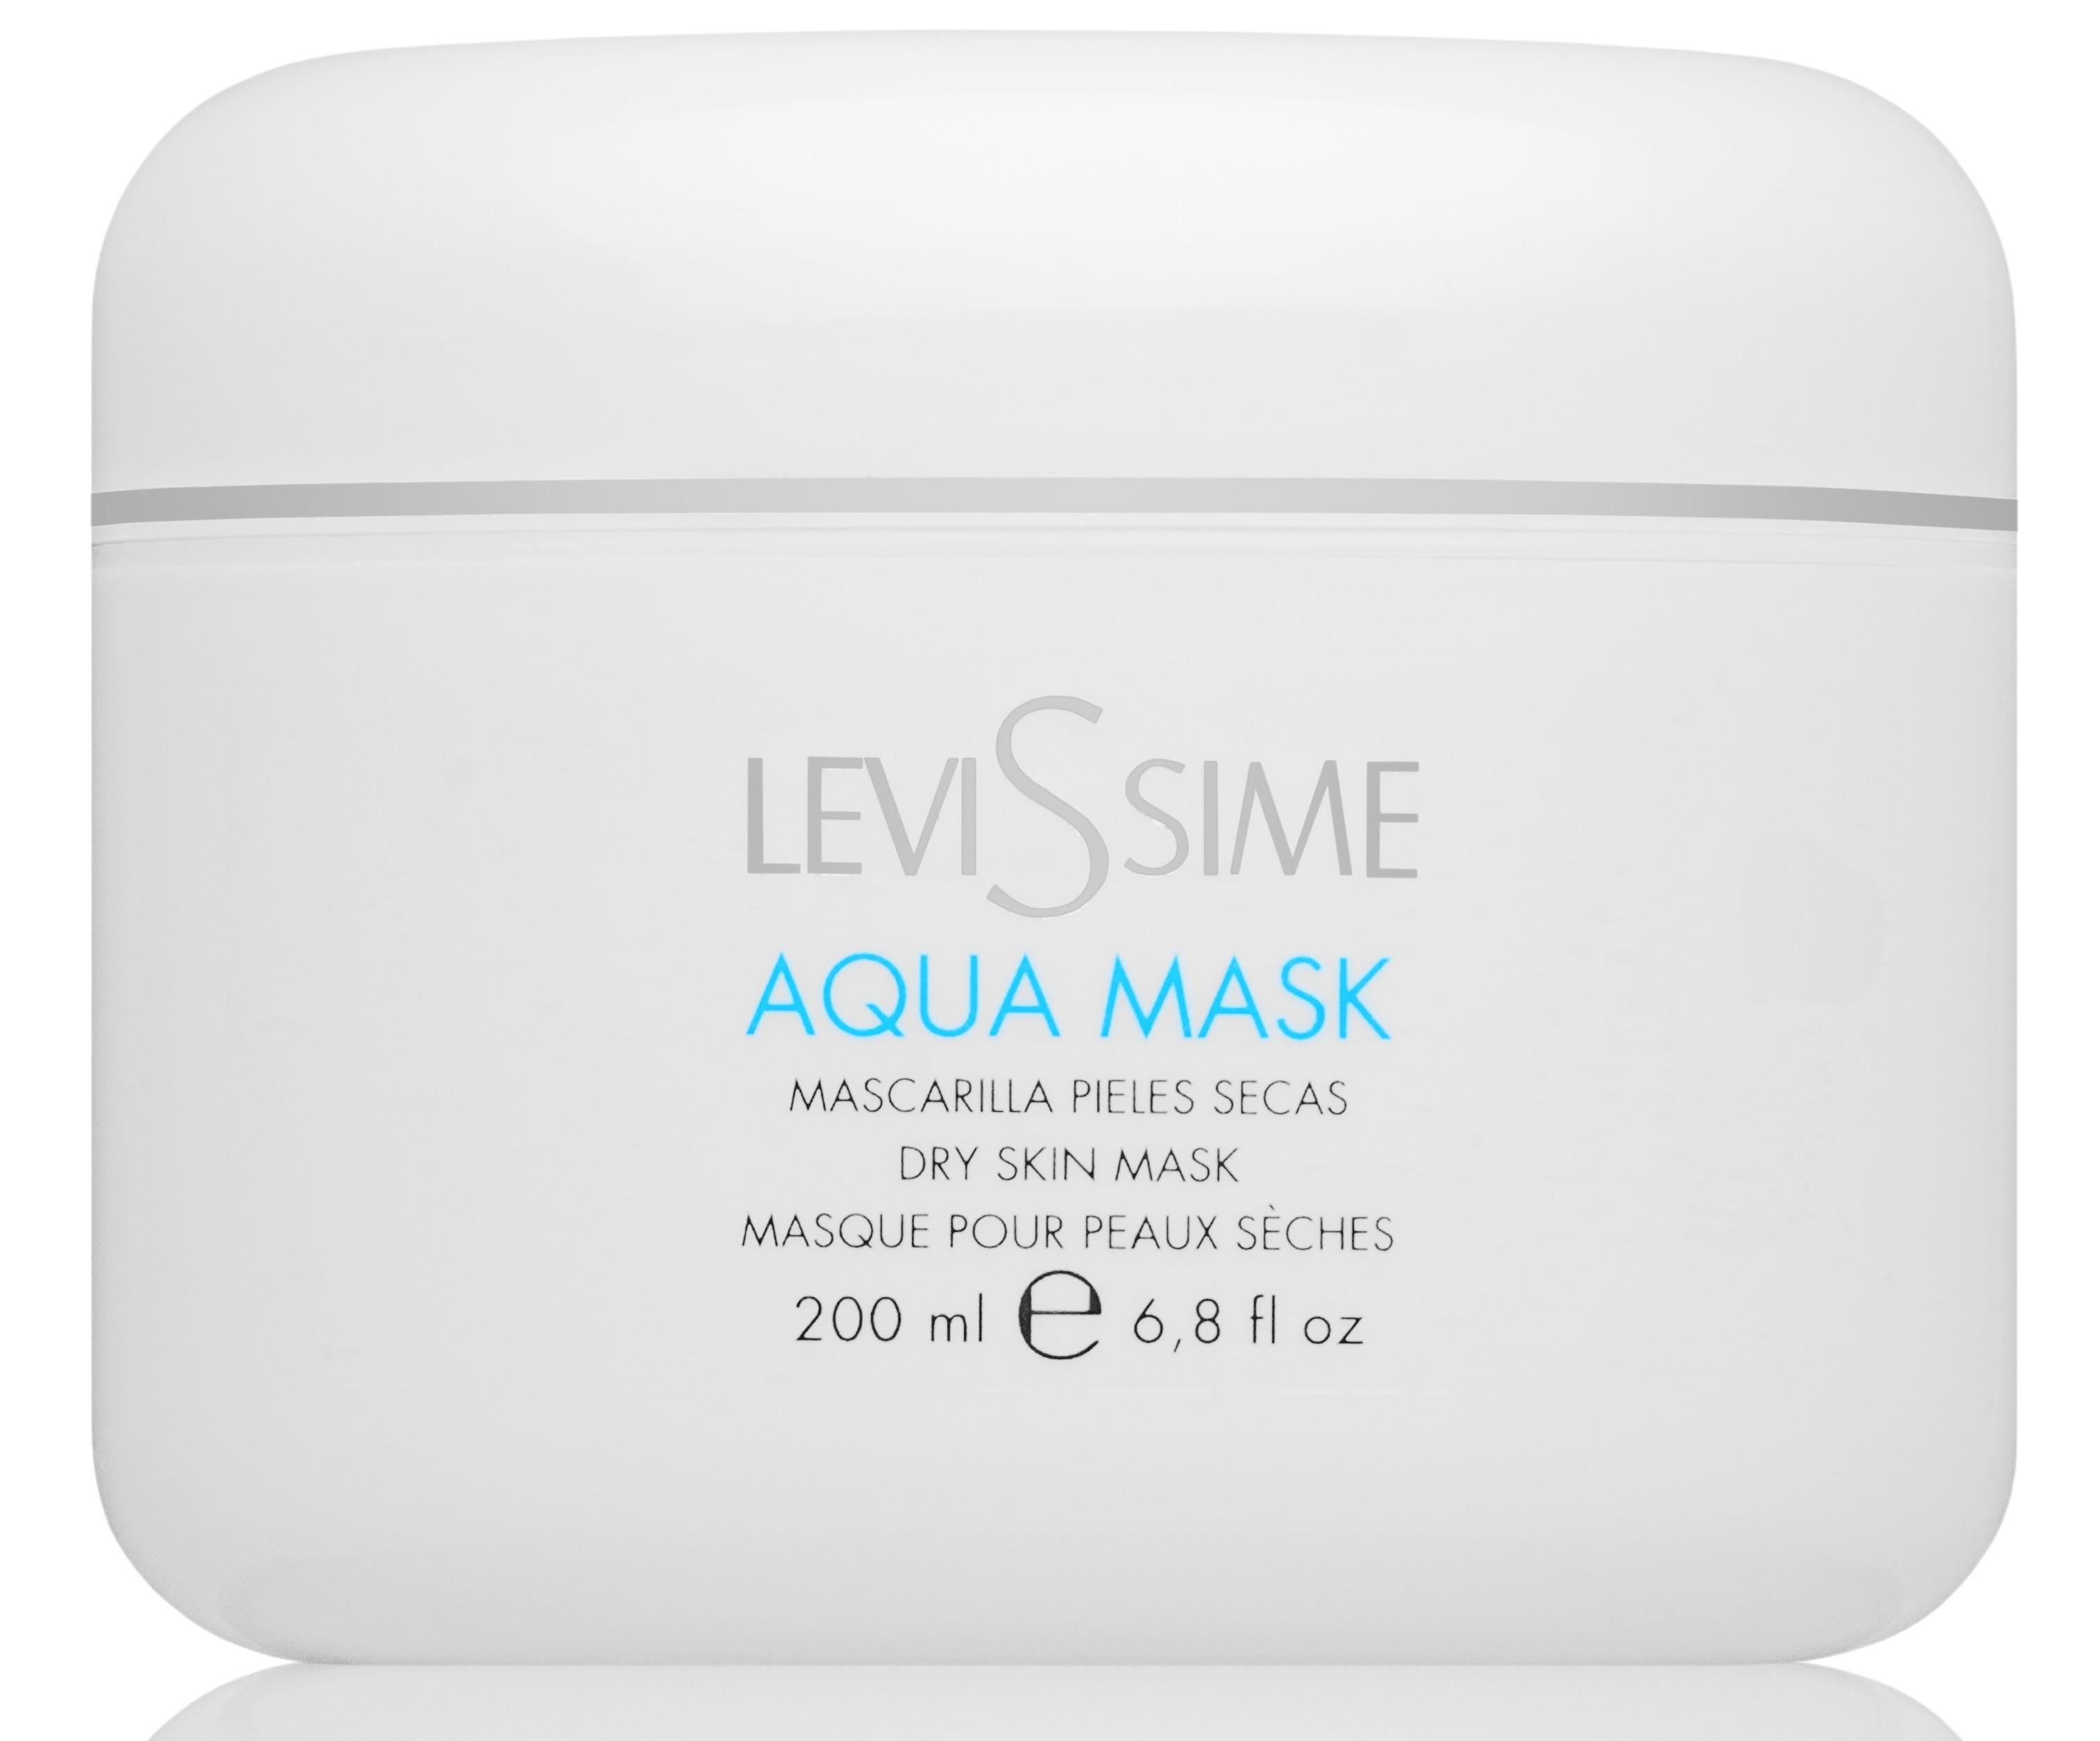 LEVISSIME Маска увлажняющая / Aqua Mask 200 мл